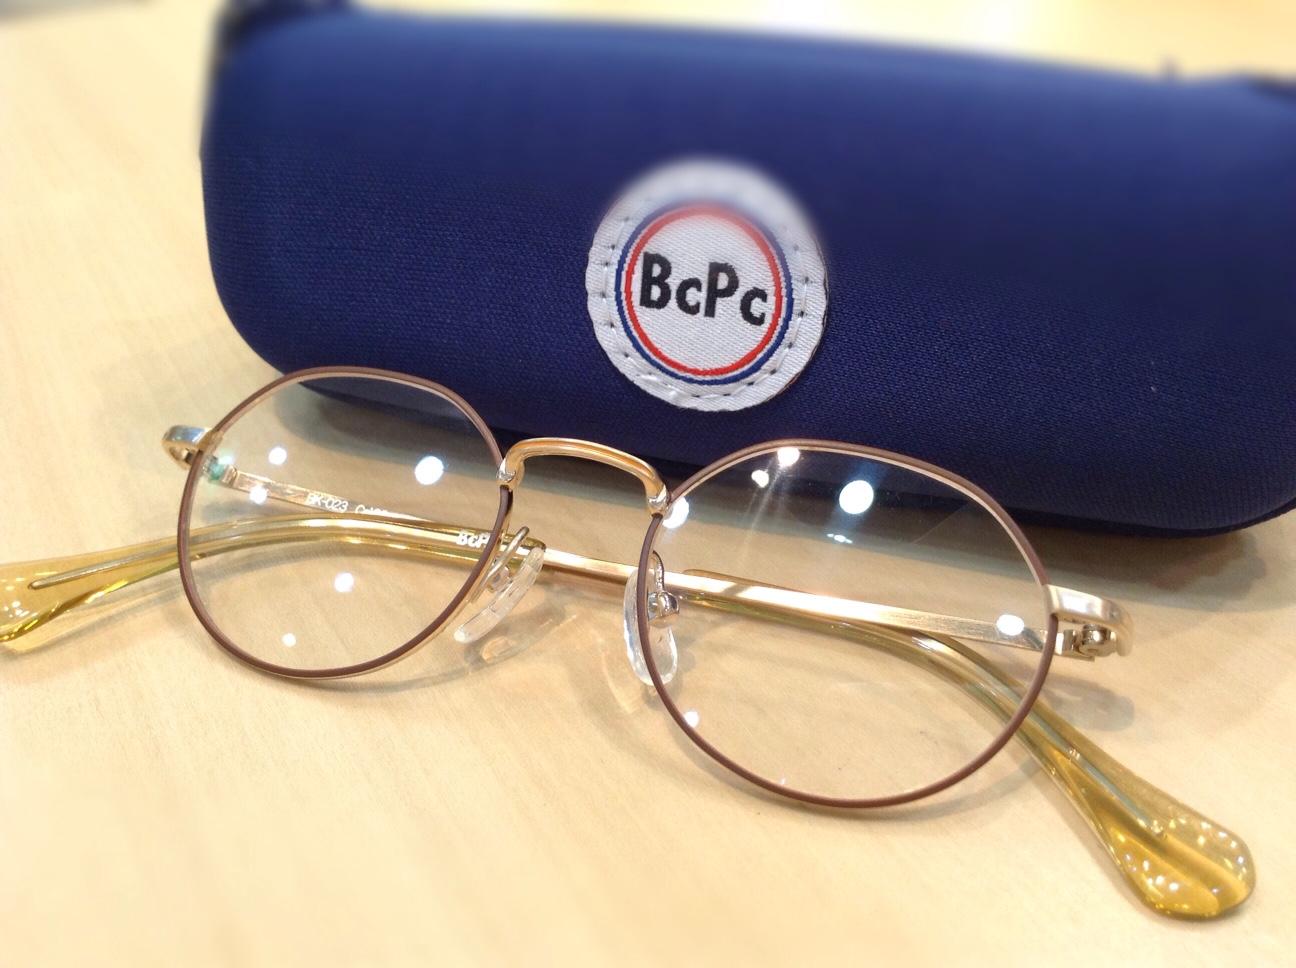 ベセペセ 品番:BK-023 カラー:03 レンズサイズ:42ミリ